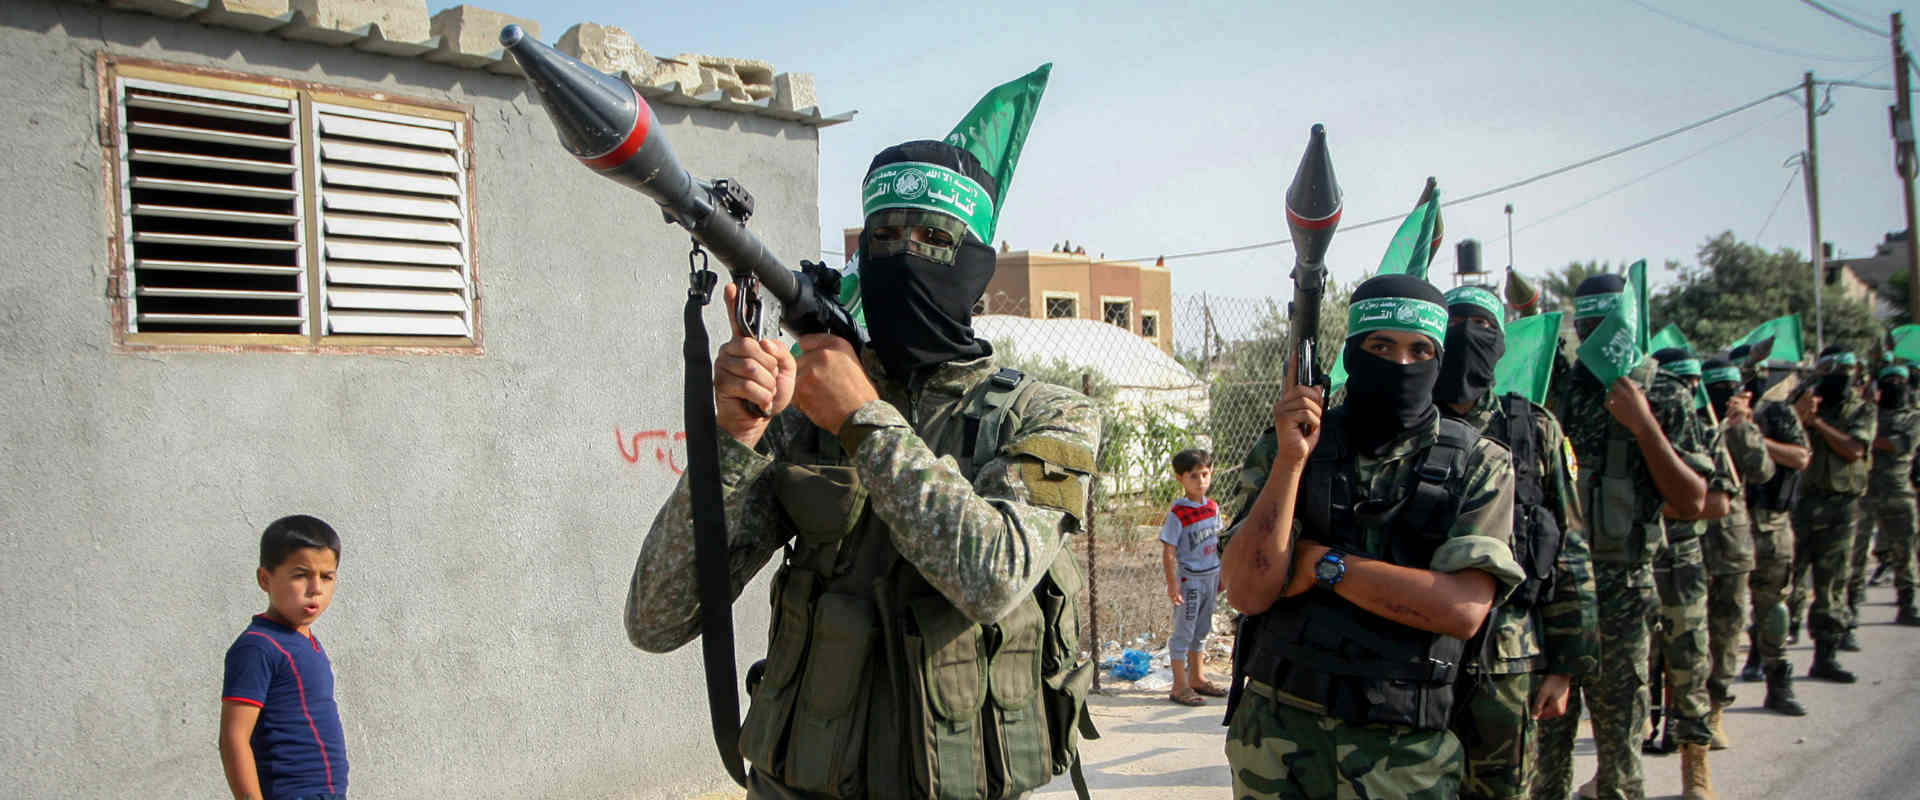 פעילי חמאס ברצועת עזה